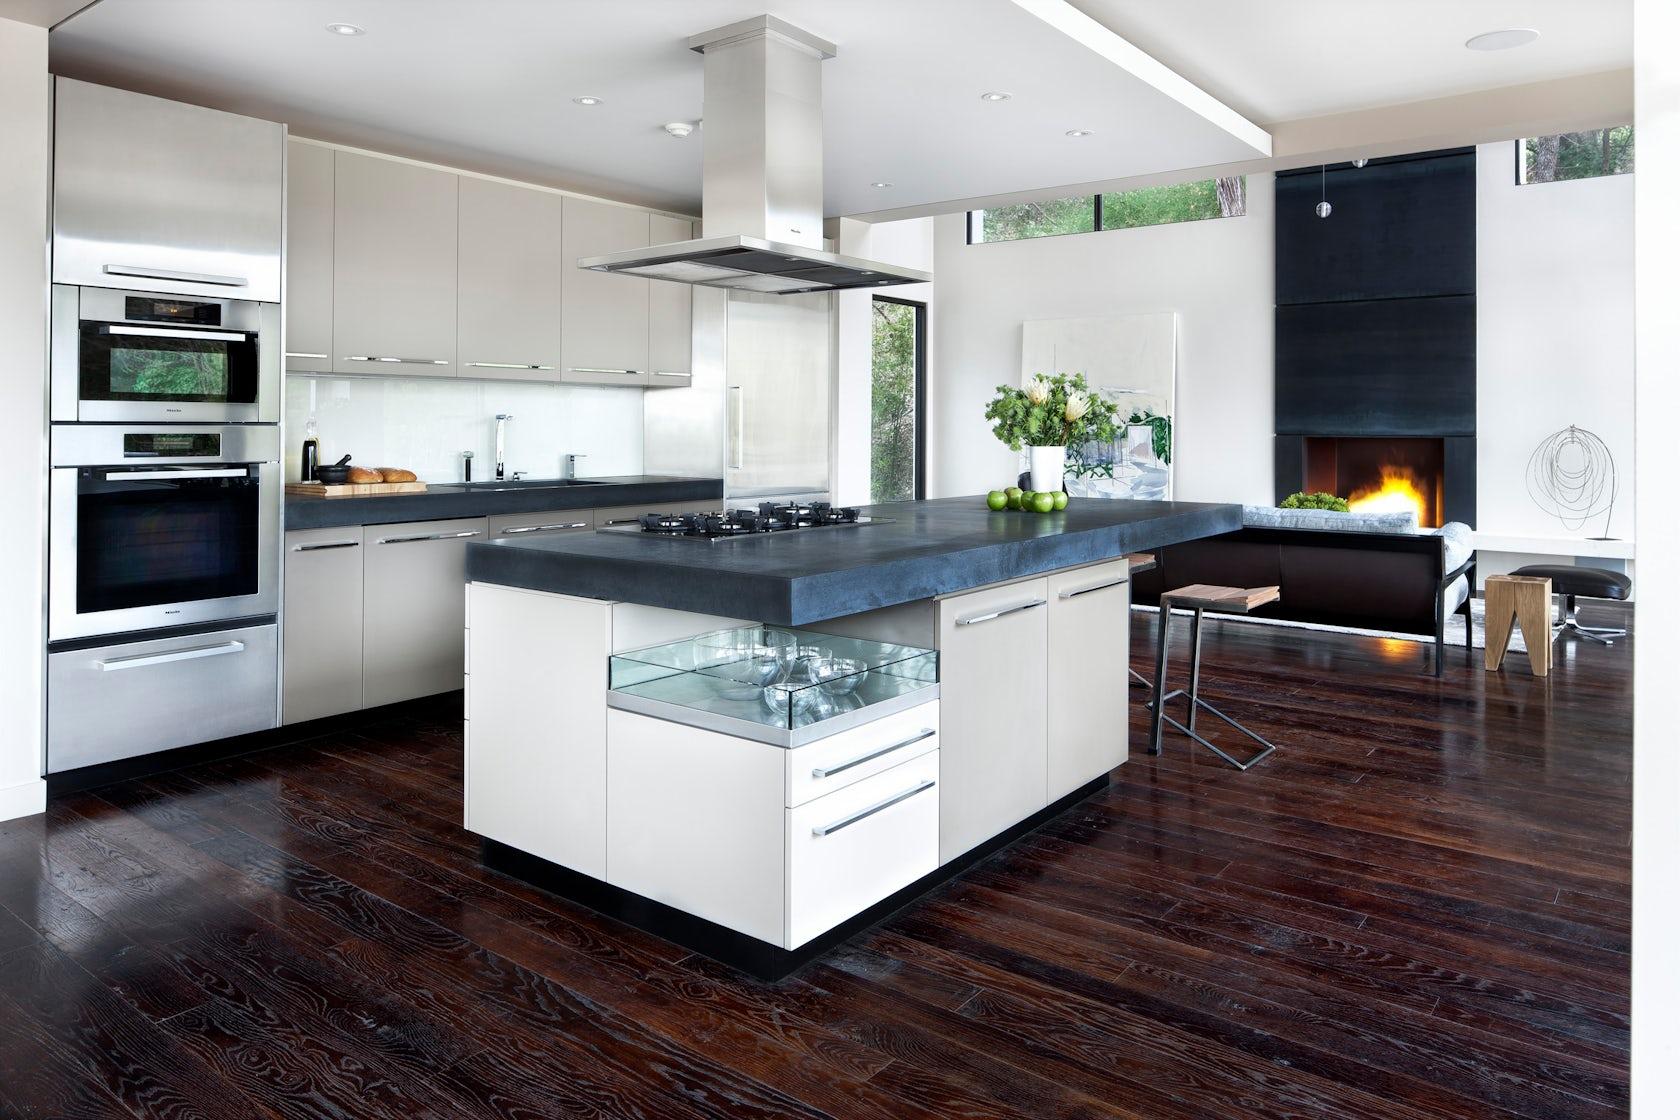 Miele Kitchen by Tamie Glass & Uli Danel - Architizer